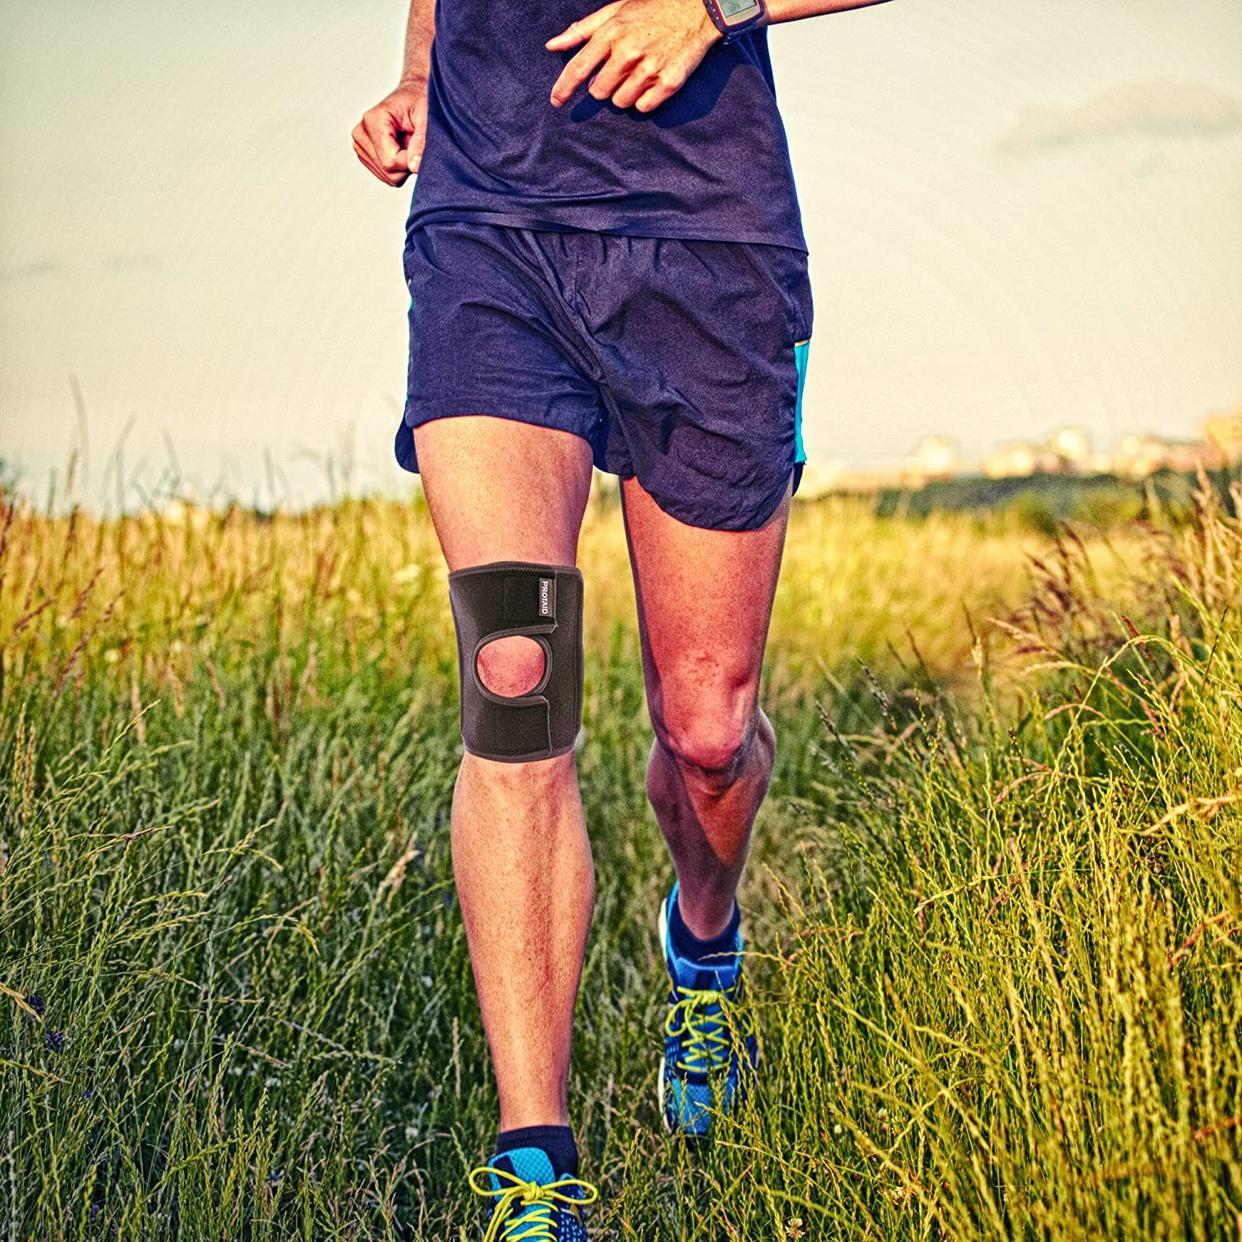 PROTAID(プロテイド) 膝サポーター 薄型 344101の商品画像7